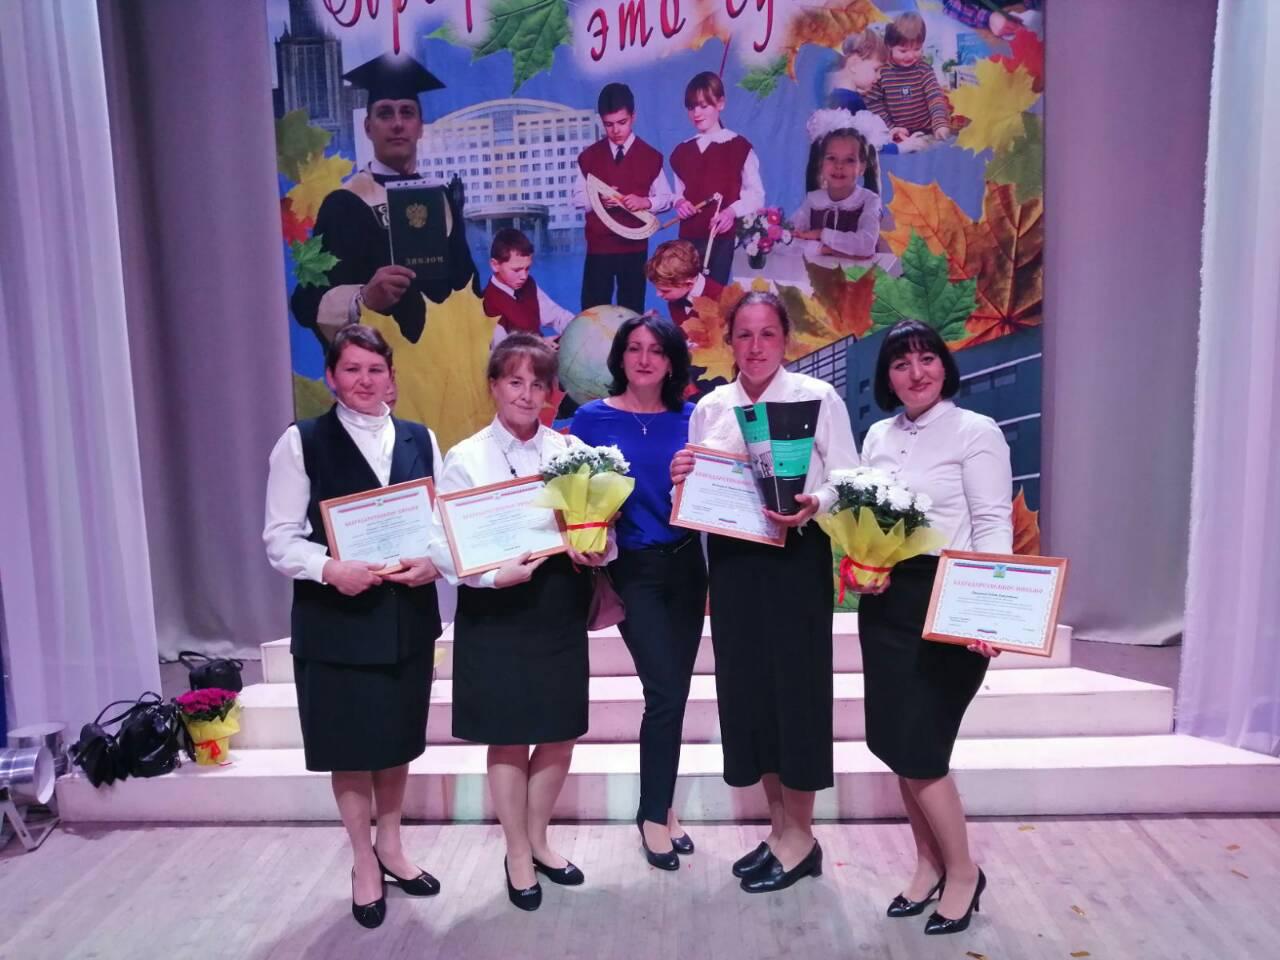 3 октября 2019 г. состоялось торжественное награждение преподавателей в связи с Днем учителя